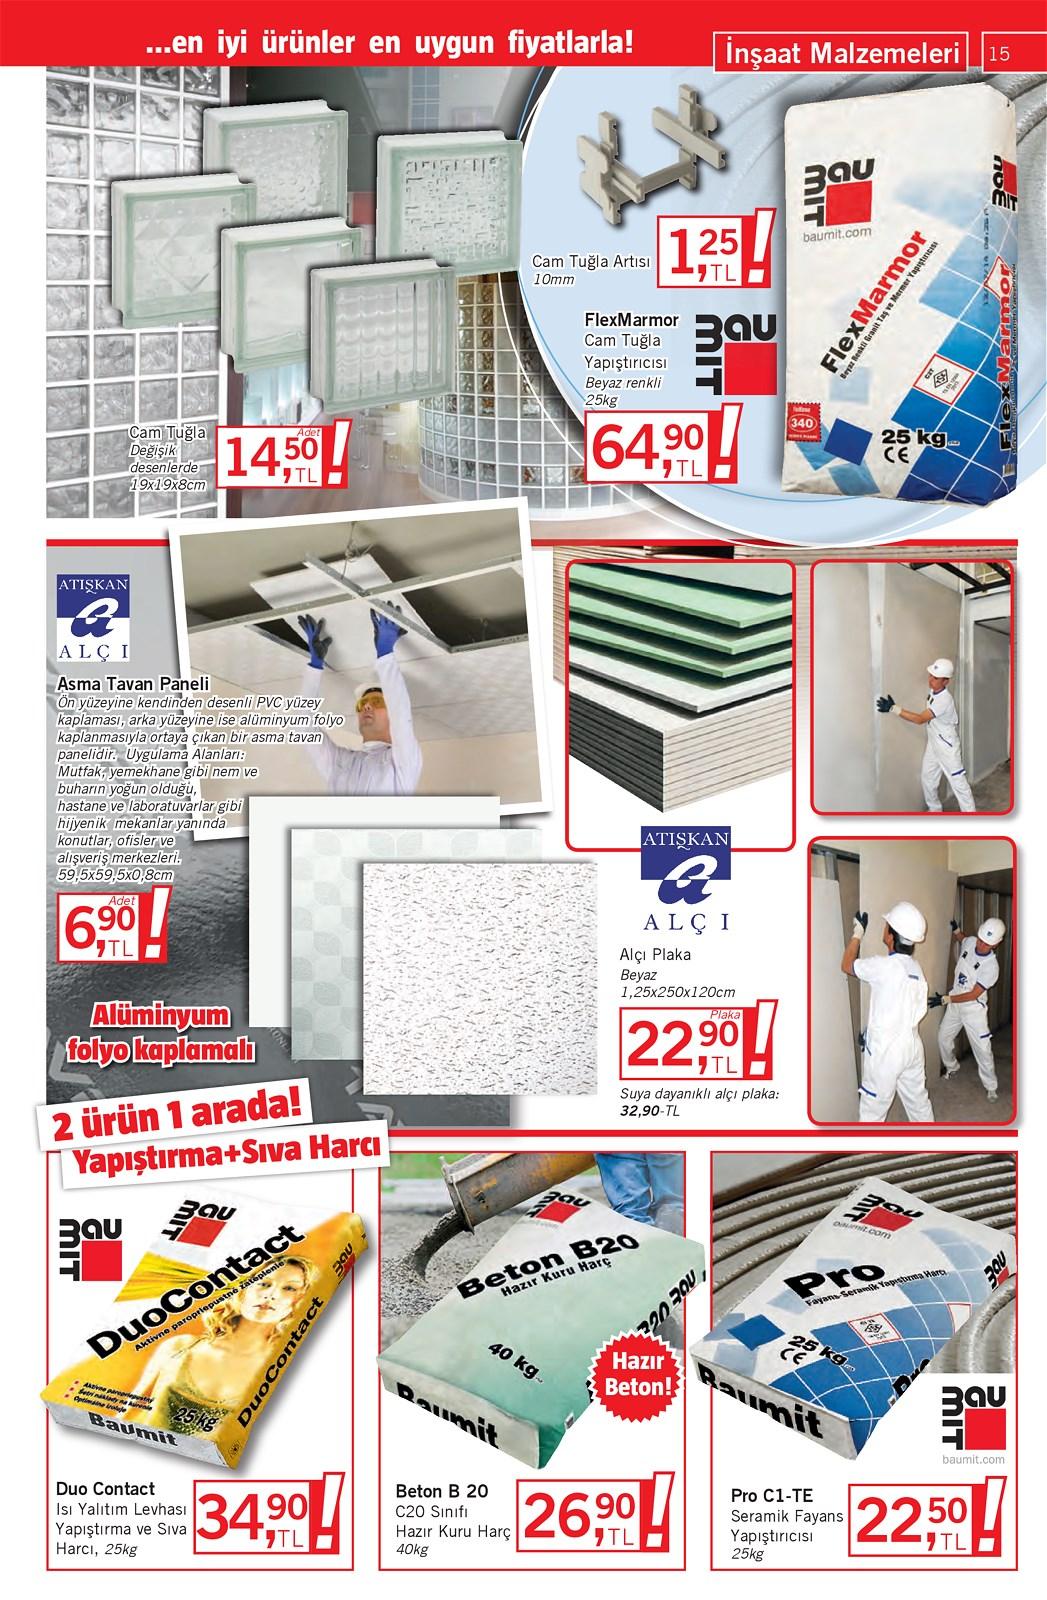 09.01.2021 Bauhaus broşürü 15. sayfa